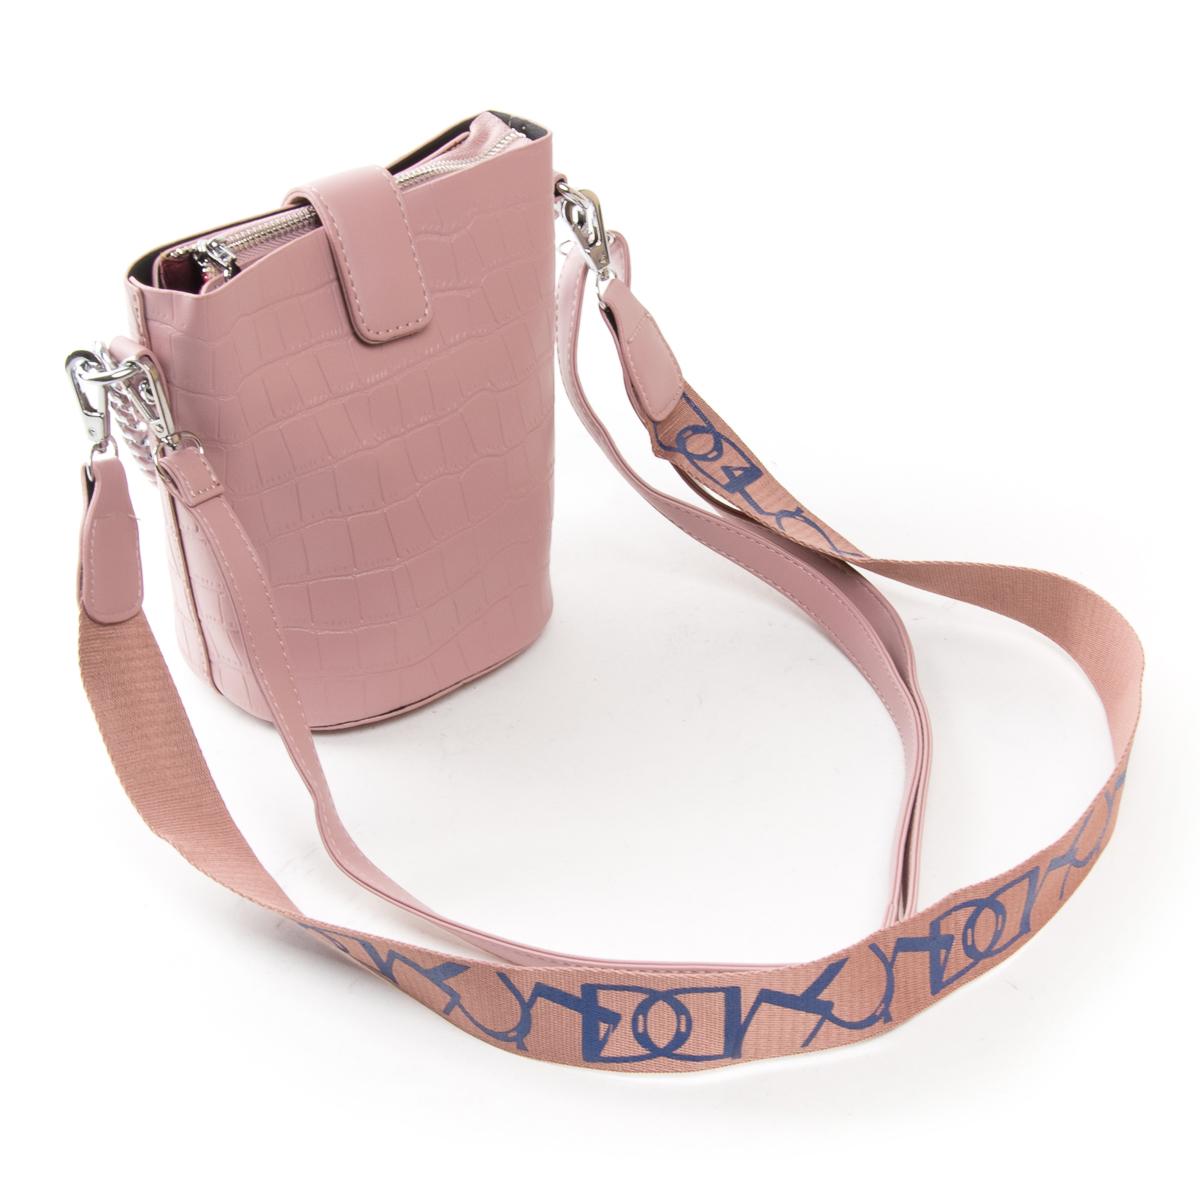 Сумка Женская Классическая иск-кожа FASHION 01-04 16909 pink - фото 4